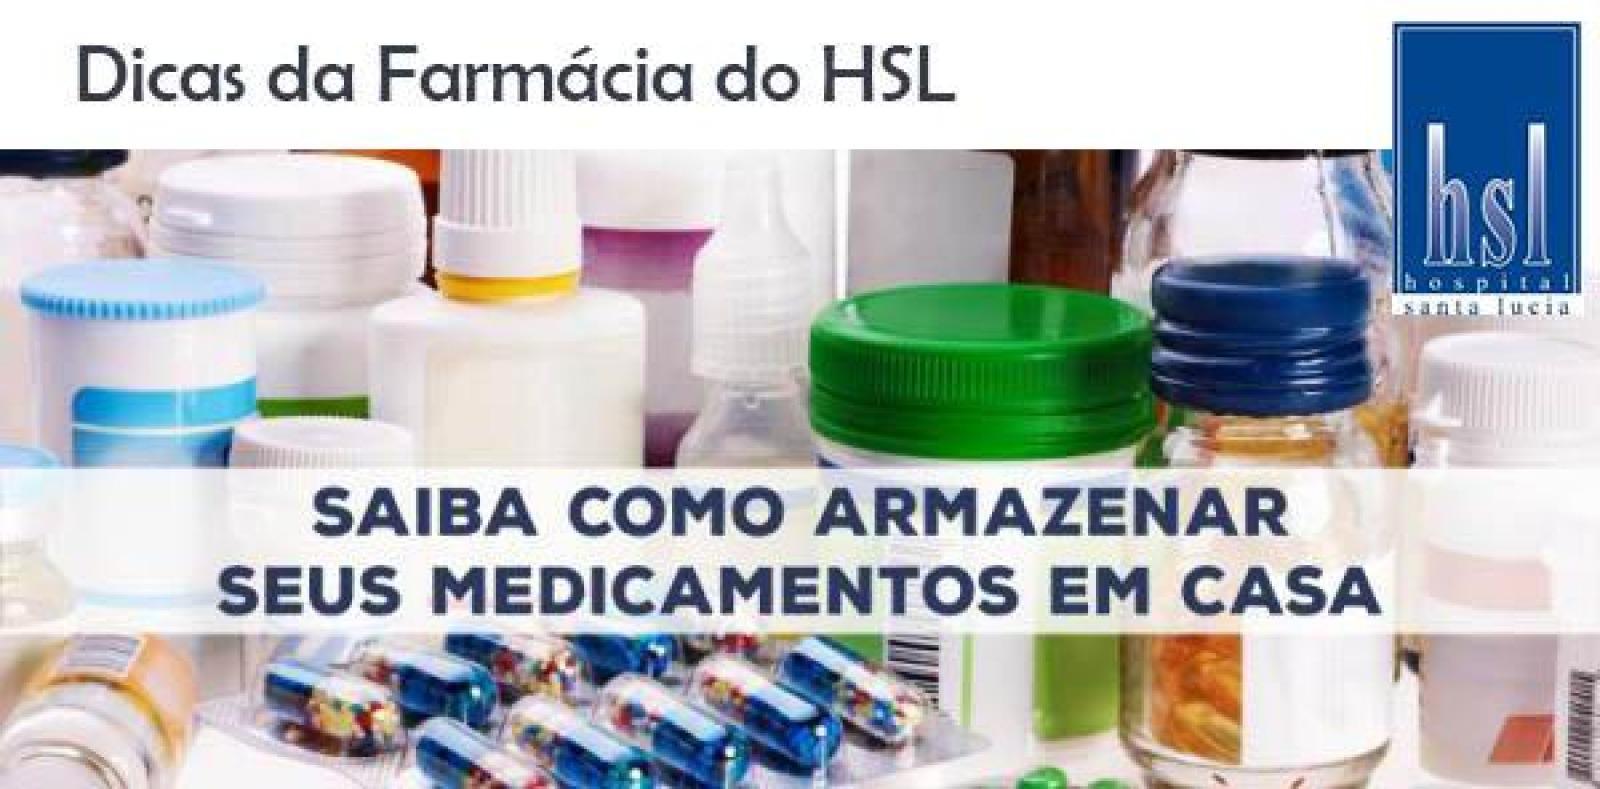 ALGUMAS DICAS PARA GUARDAR MEDICAMENTOS EM CASA